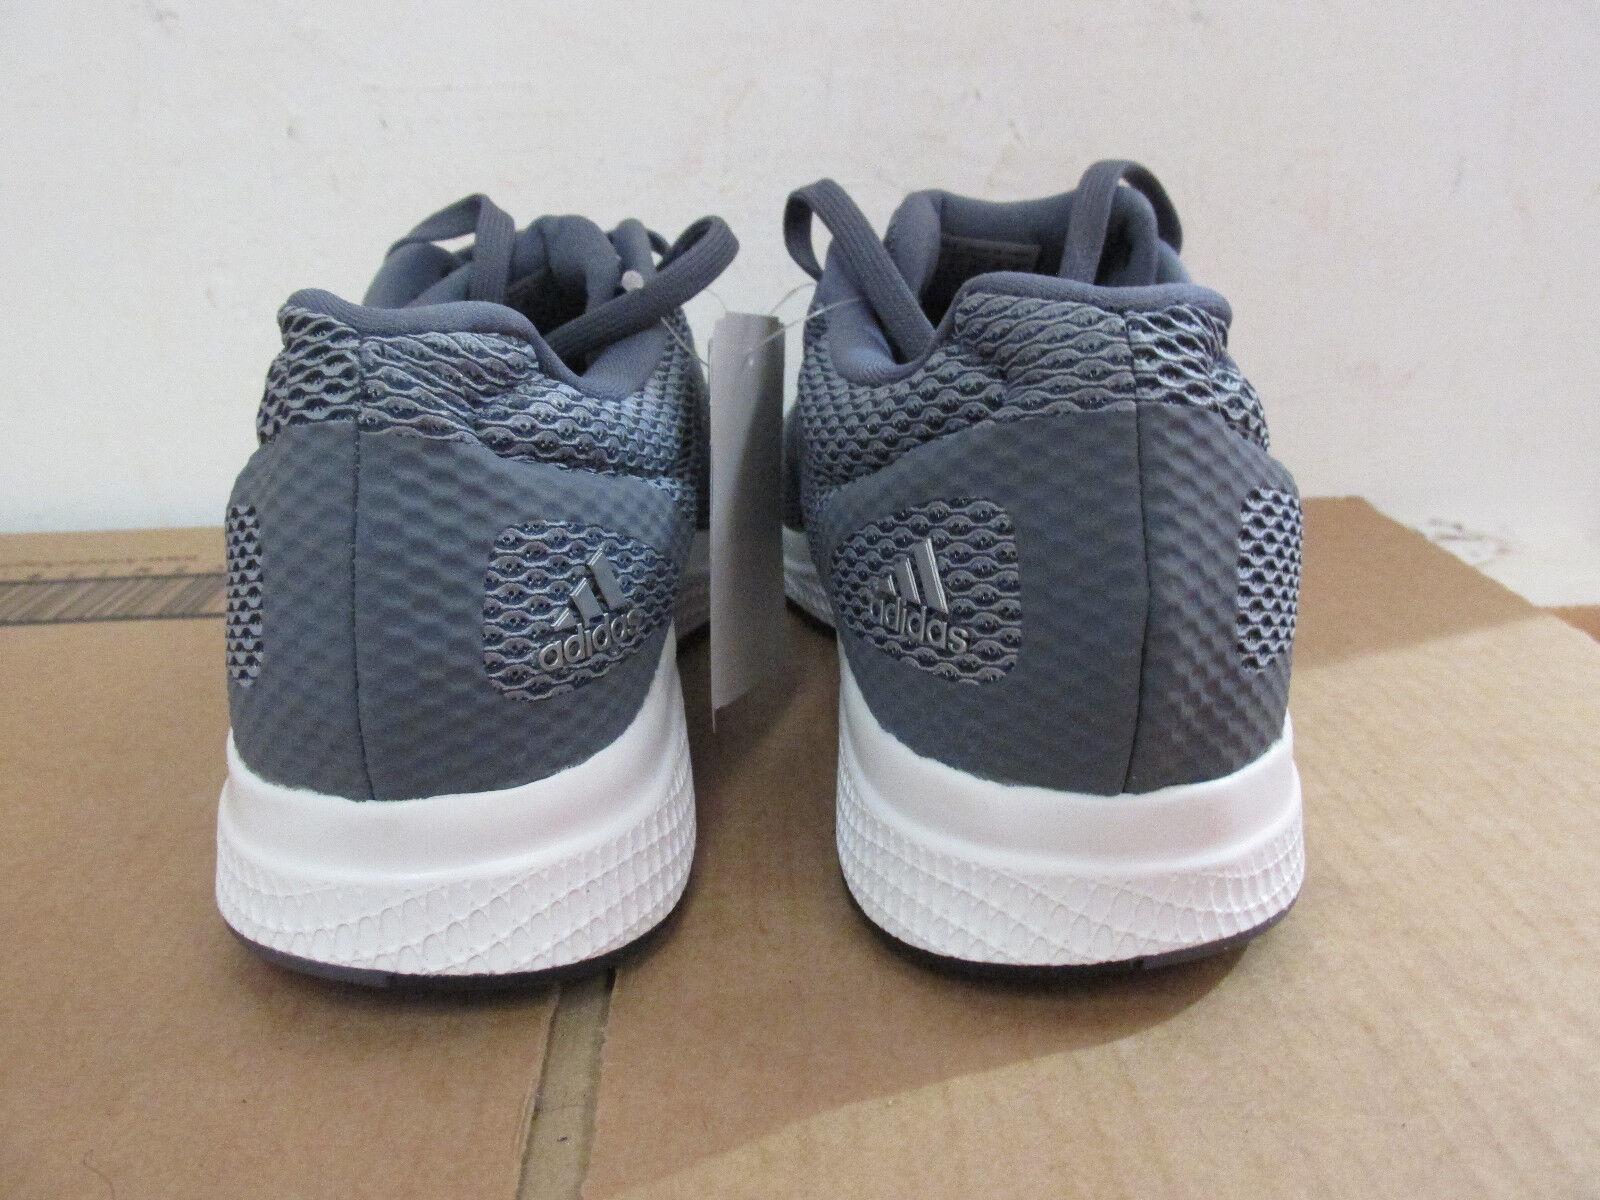 Adidas Mana rebote muestra B42432 Para hombre Zapatillas Sneakers de muestra rebote 72e0dd